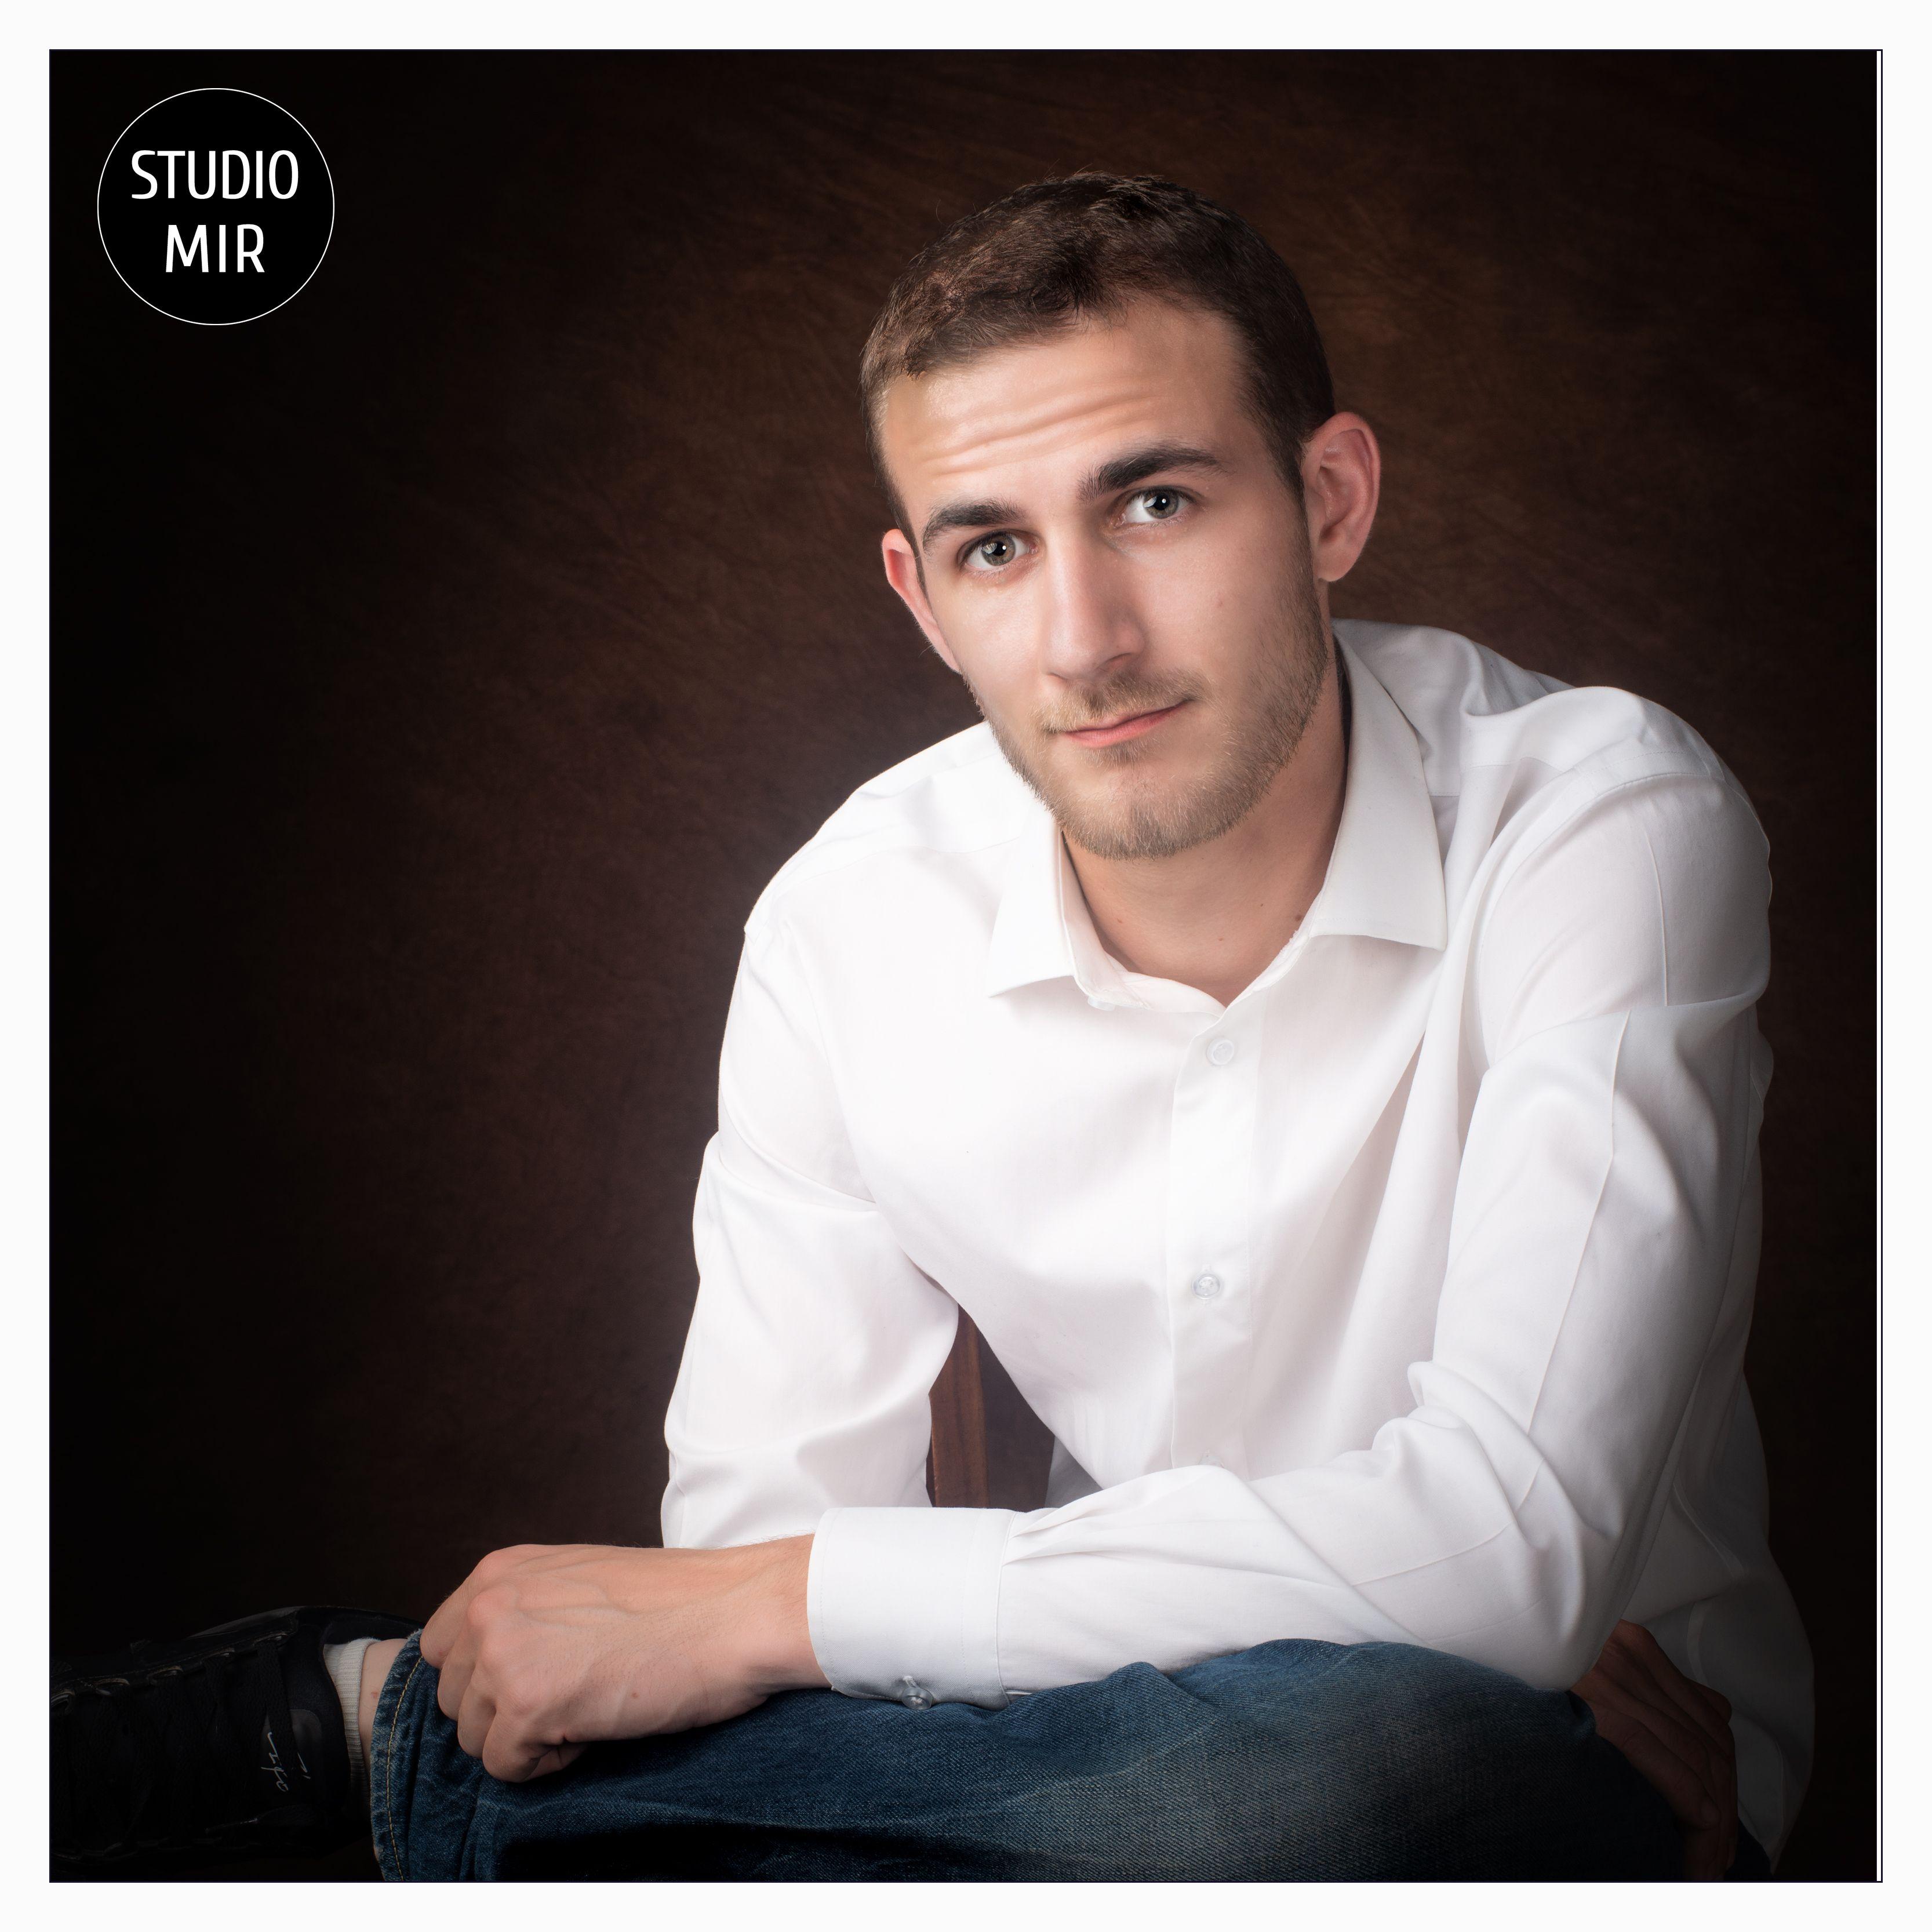 Votre Photographe De Portrait Proche De Paris Photo Portrait Portrait Portrait Professionnel